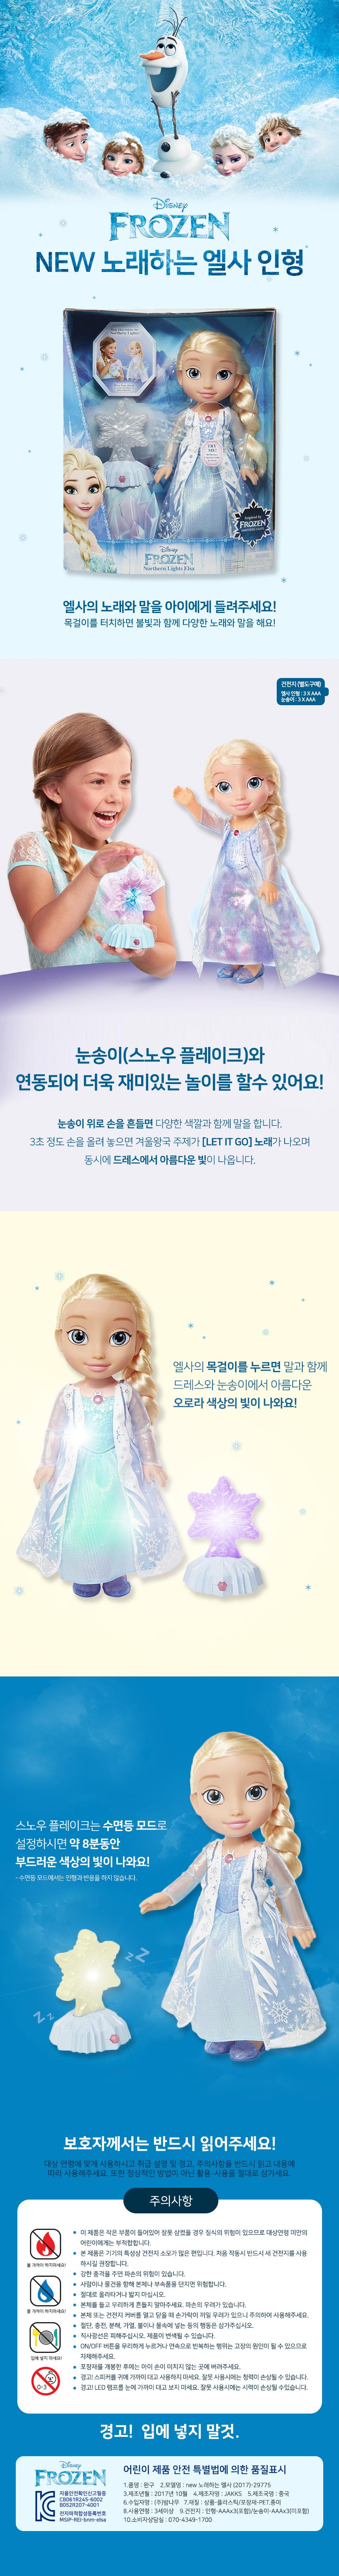 디즈니 겨울왕국 new 노래하는 엘사 인형 - 누리토이즈, 32,900원, 캐릭터인형, 게임/애니메이션